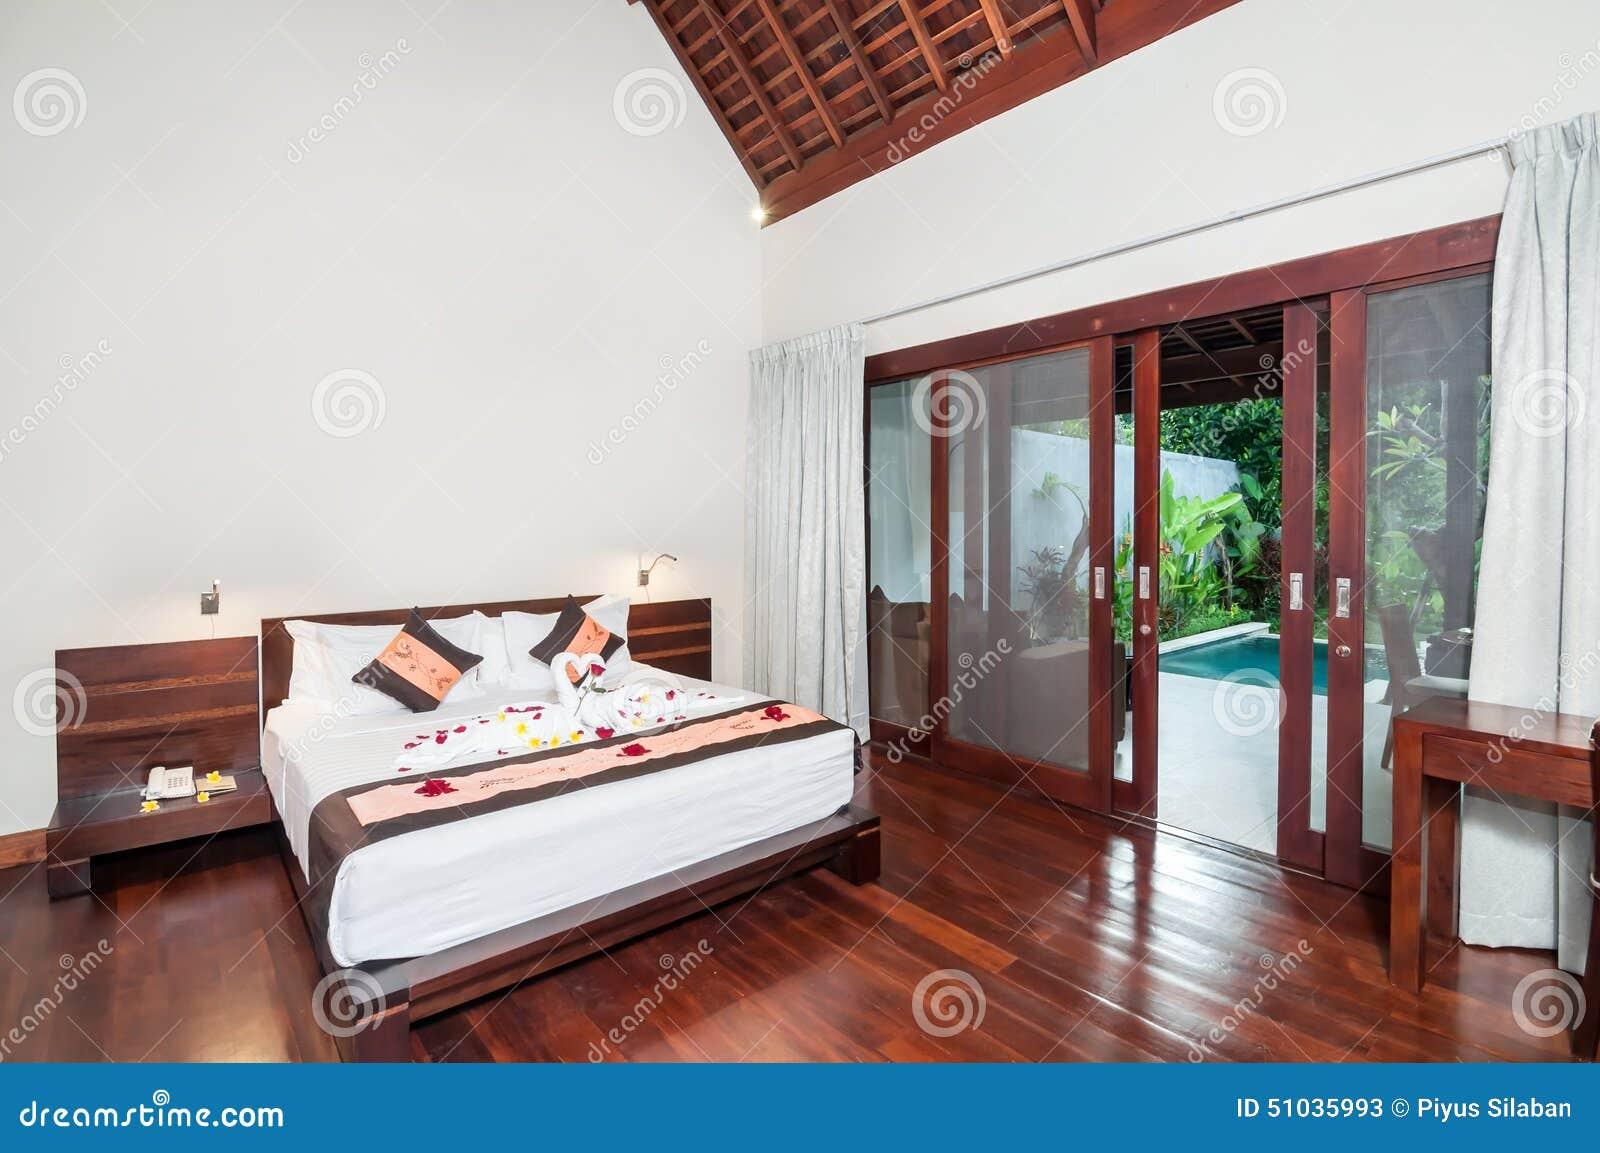 Luxus  und romantisches schlafzimmer hotel stockfoto   bild: 51035993